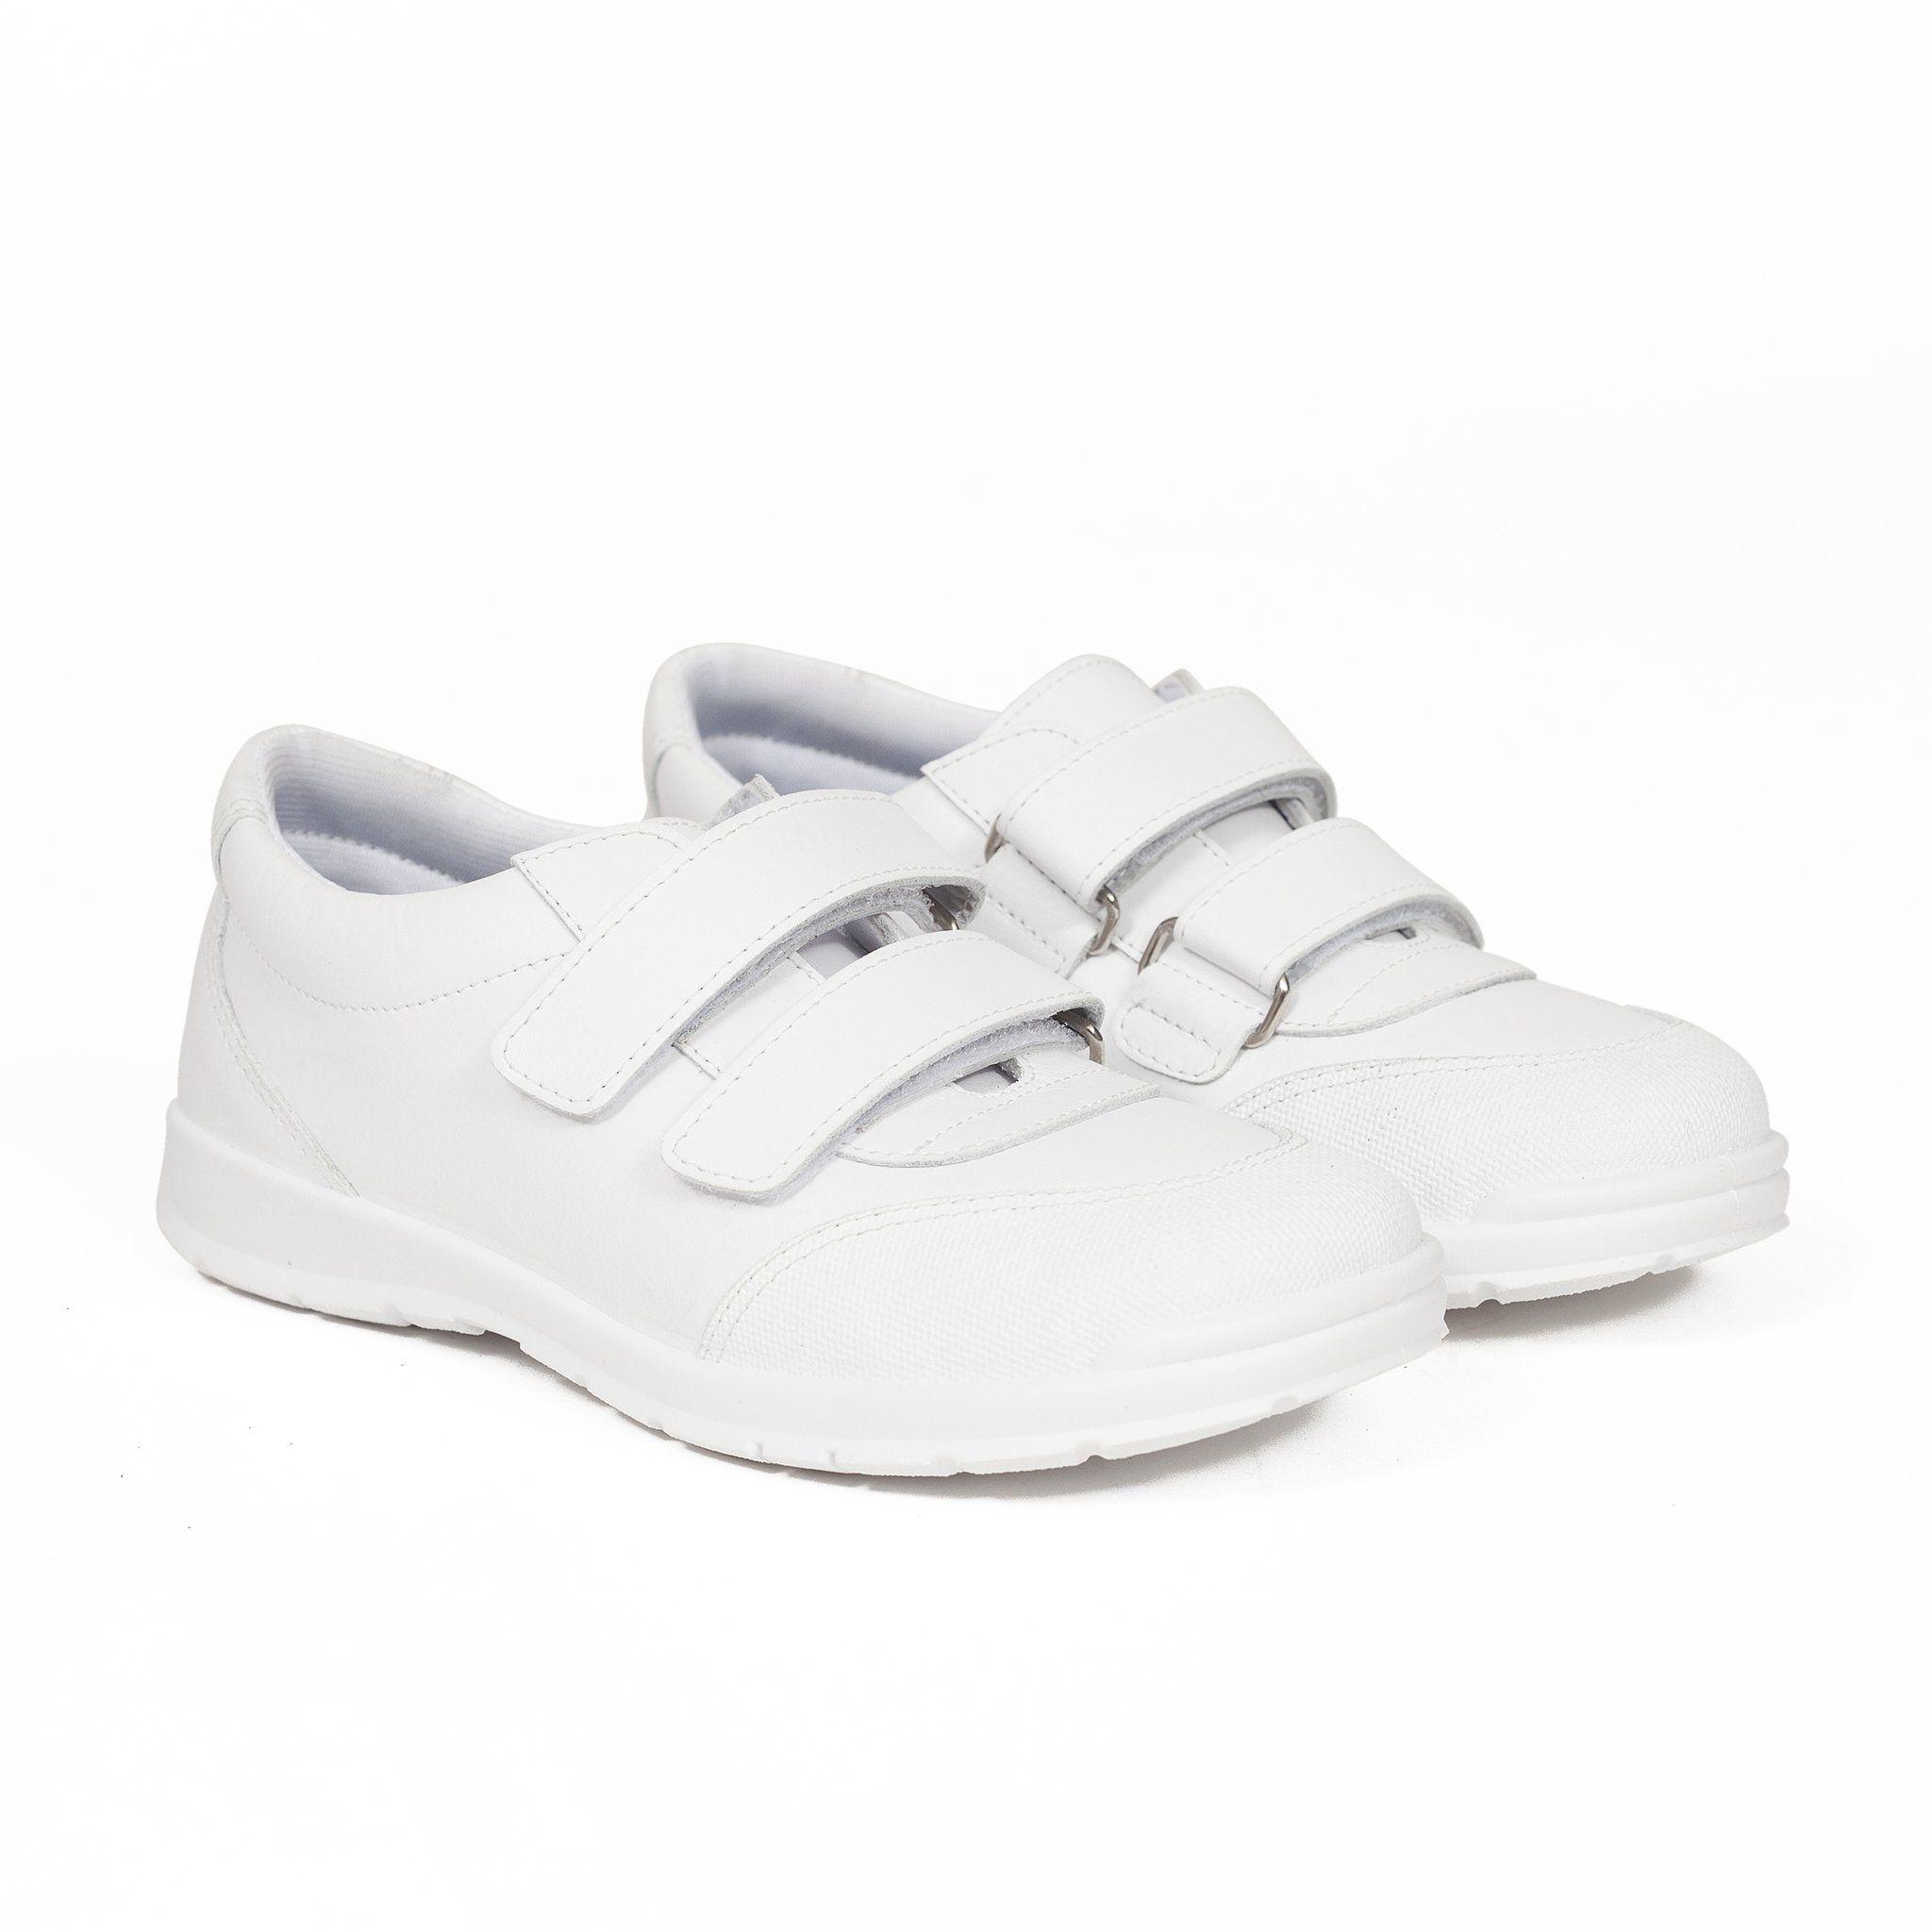 Zapatos Colegiales niños deportivos escolares Piel Lavable